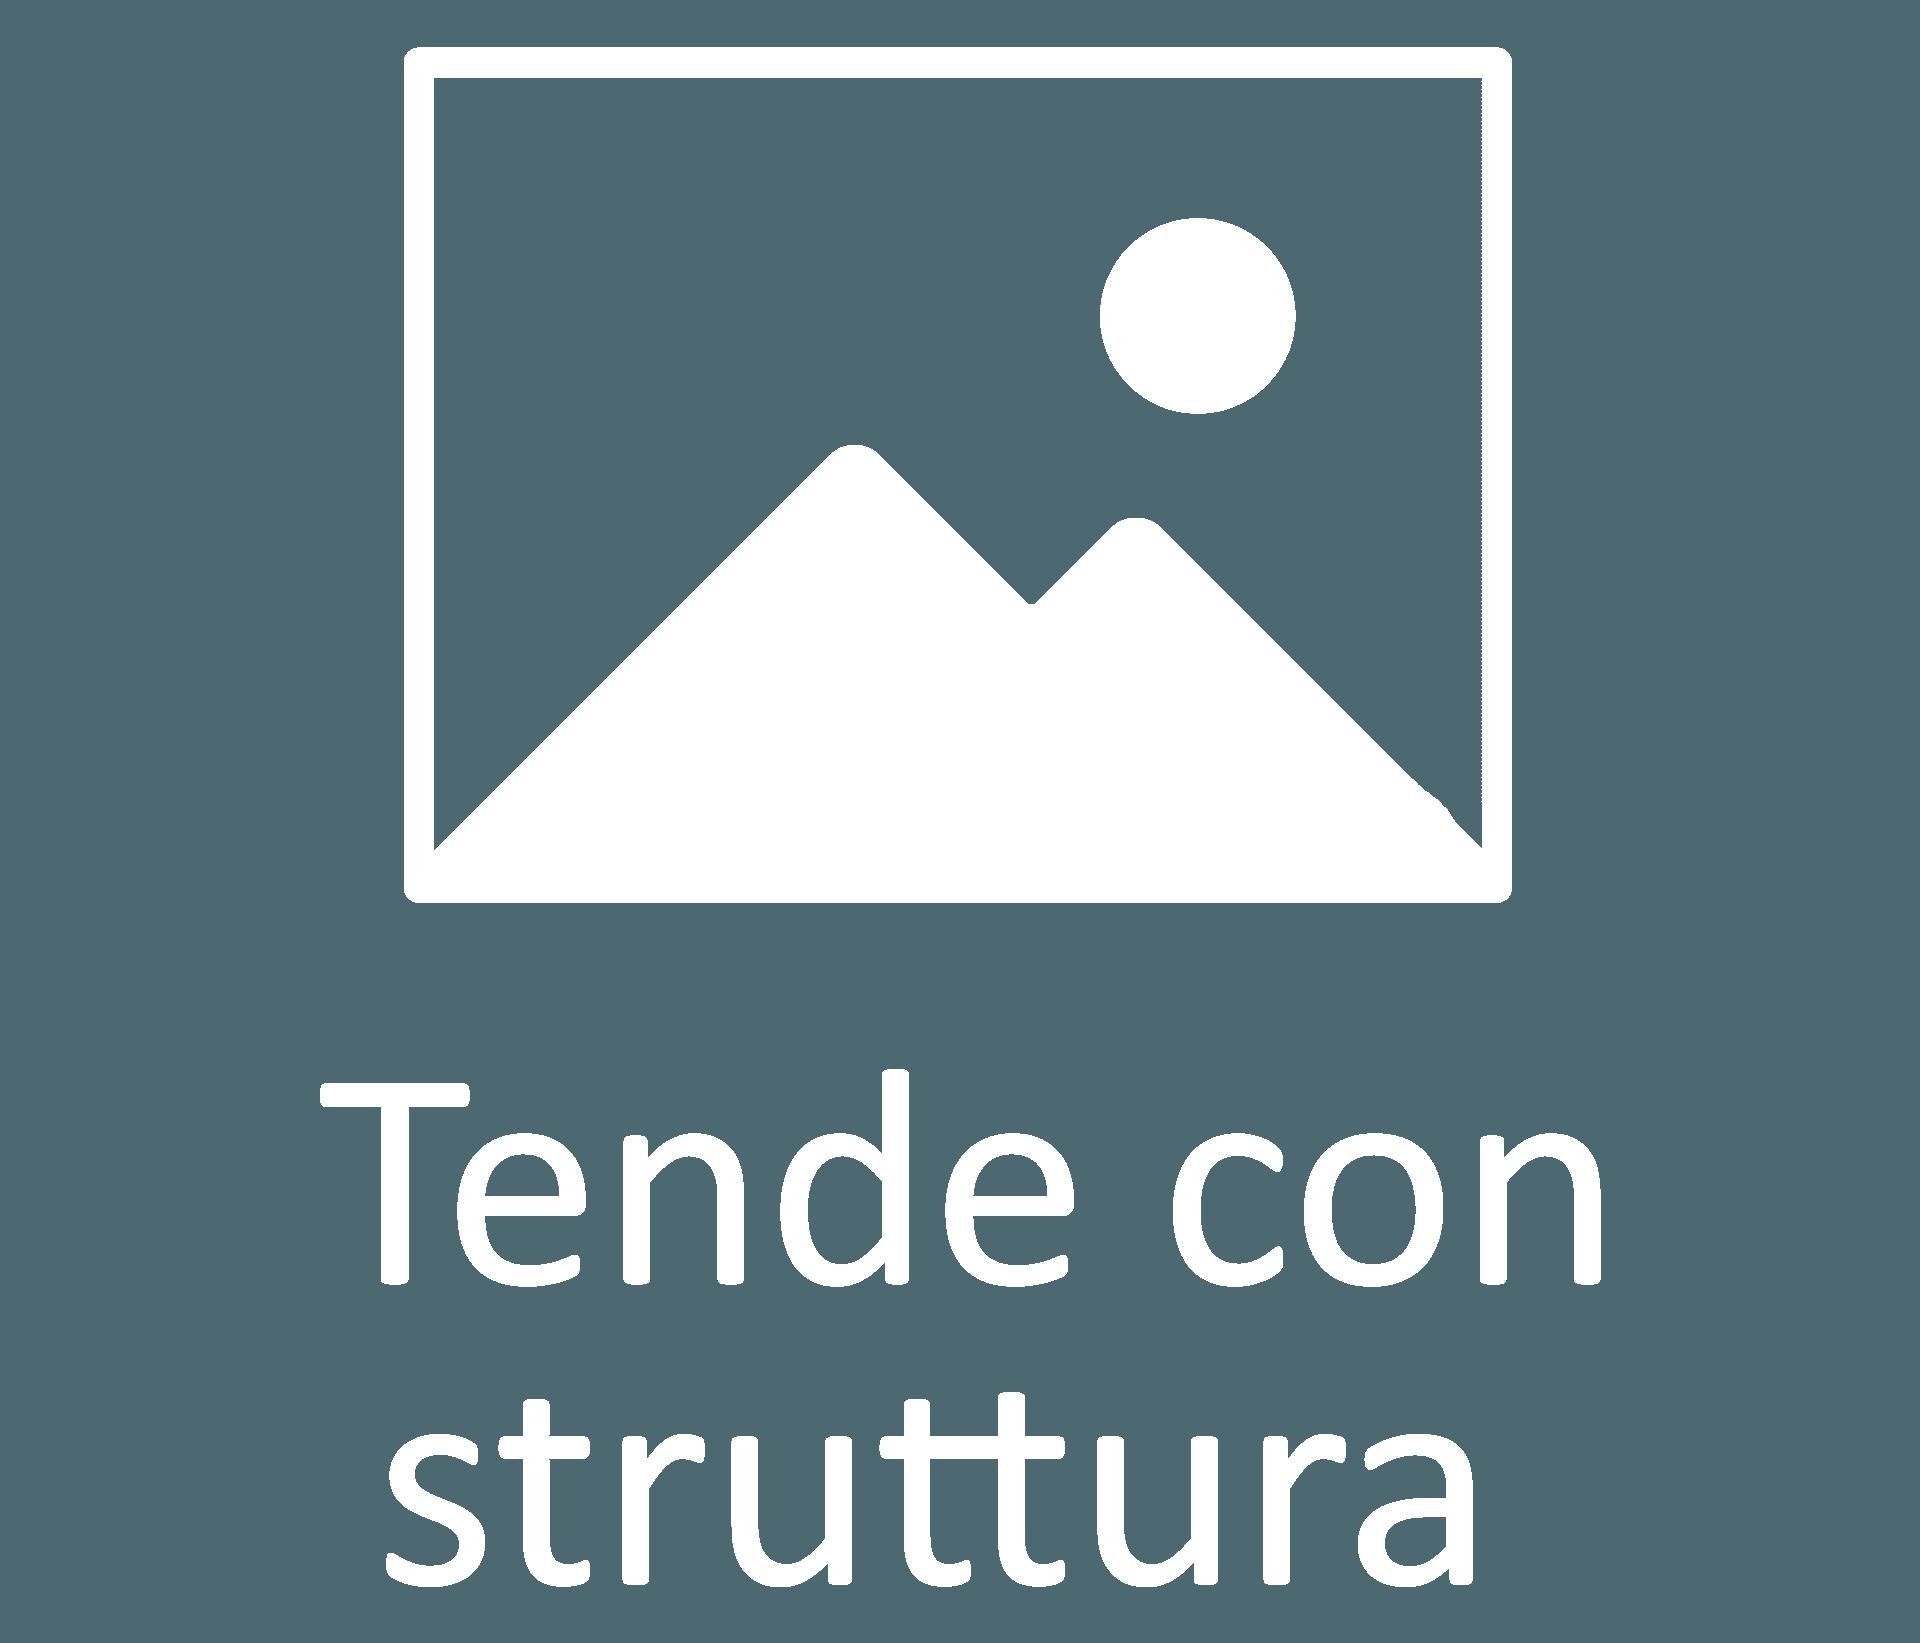 tende con struttura